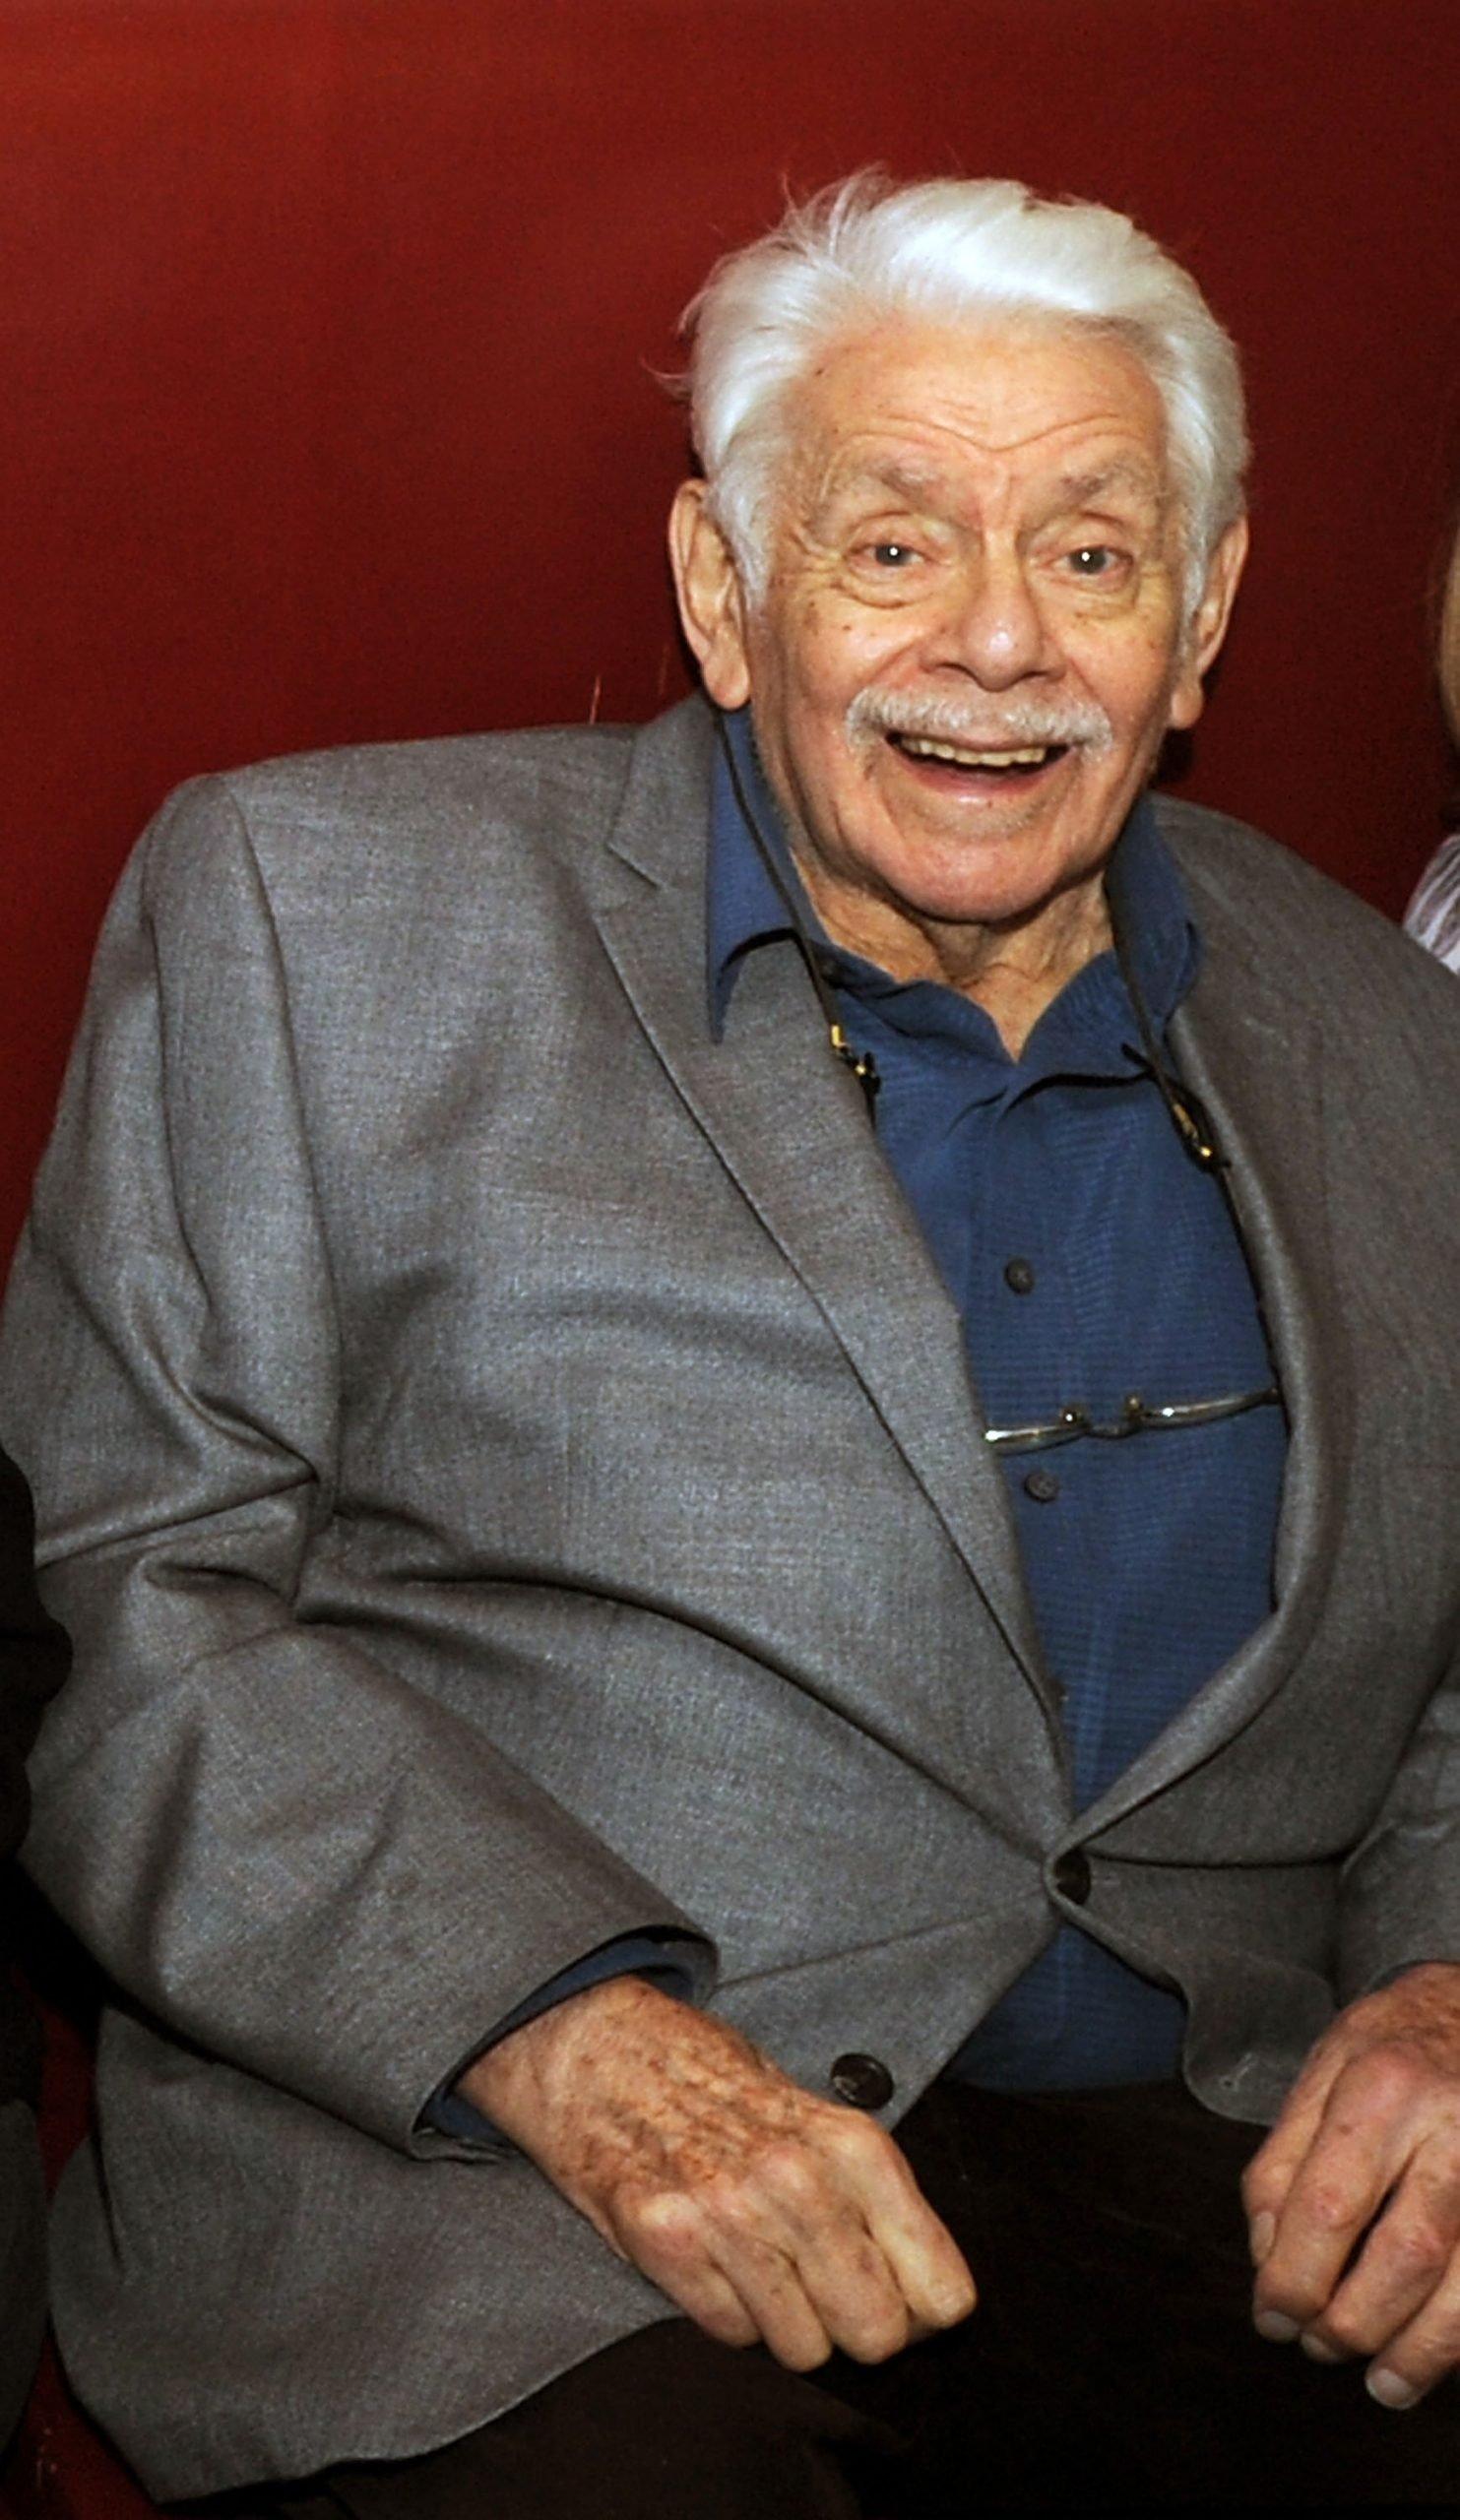 actor comedian jerry stiller